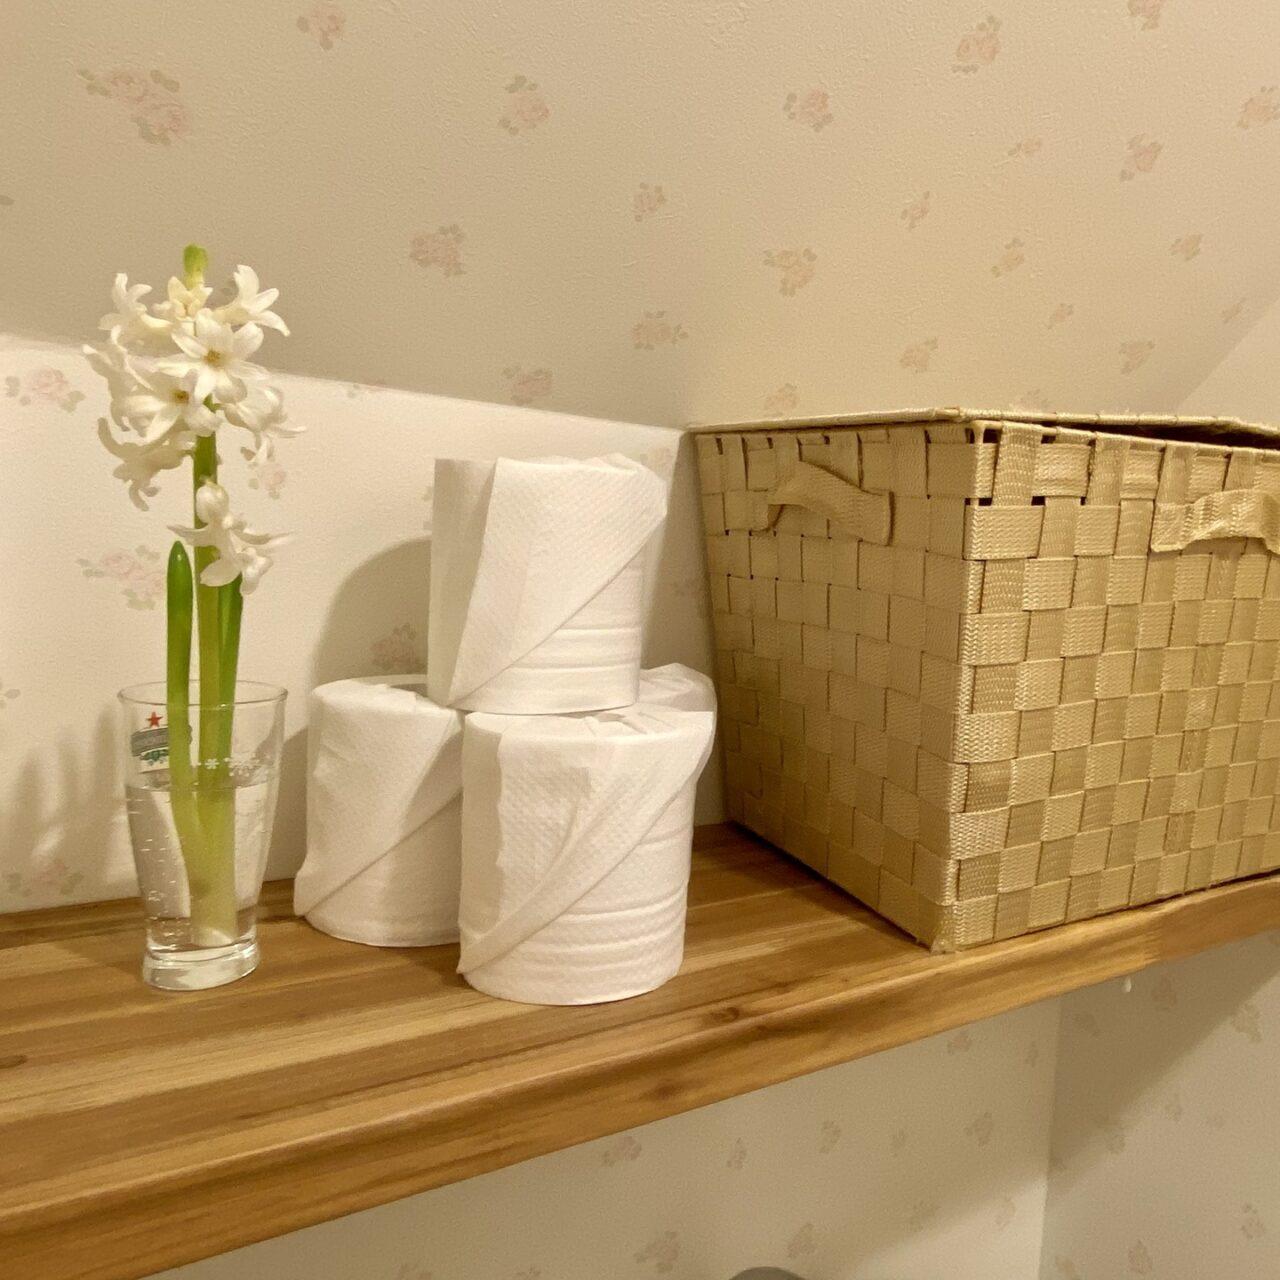 完成したトイレ上の収納棚の画像